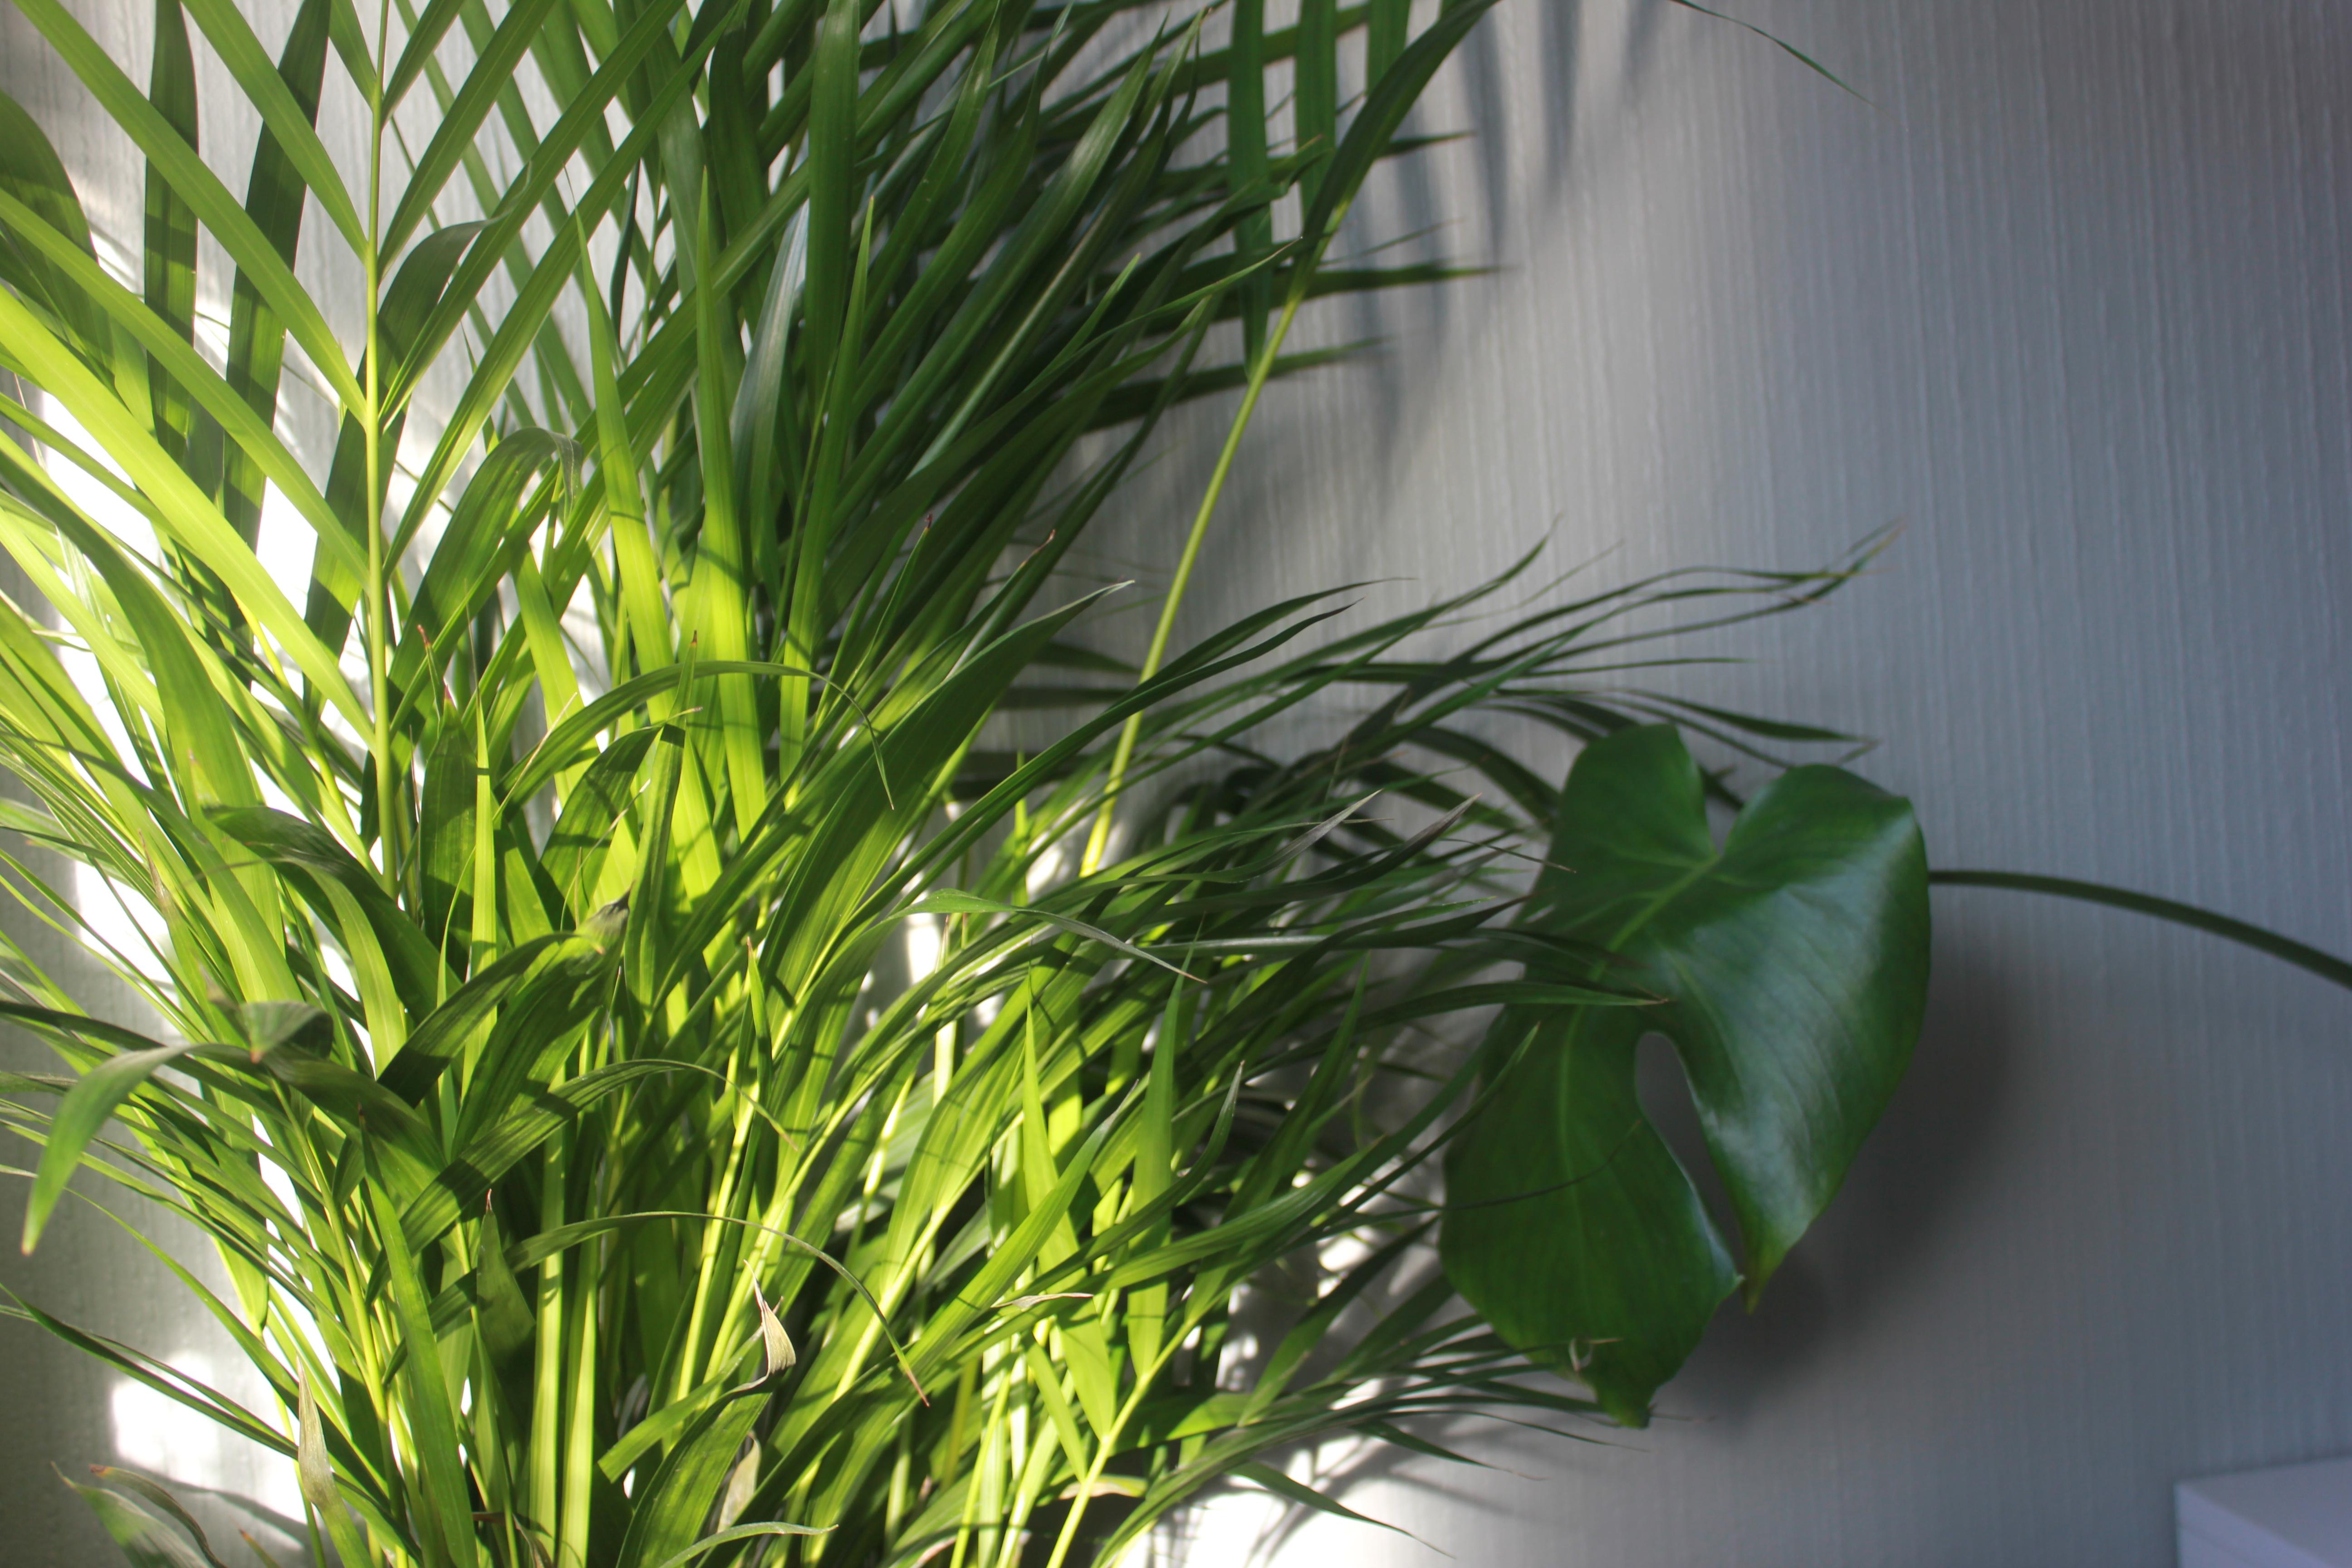 Lettstelte grønne planter